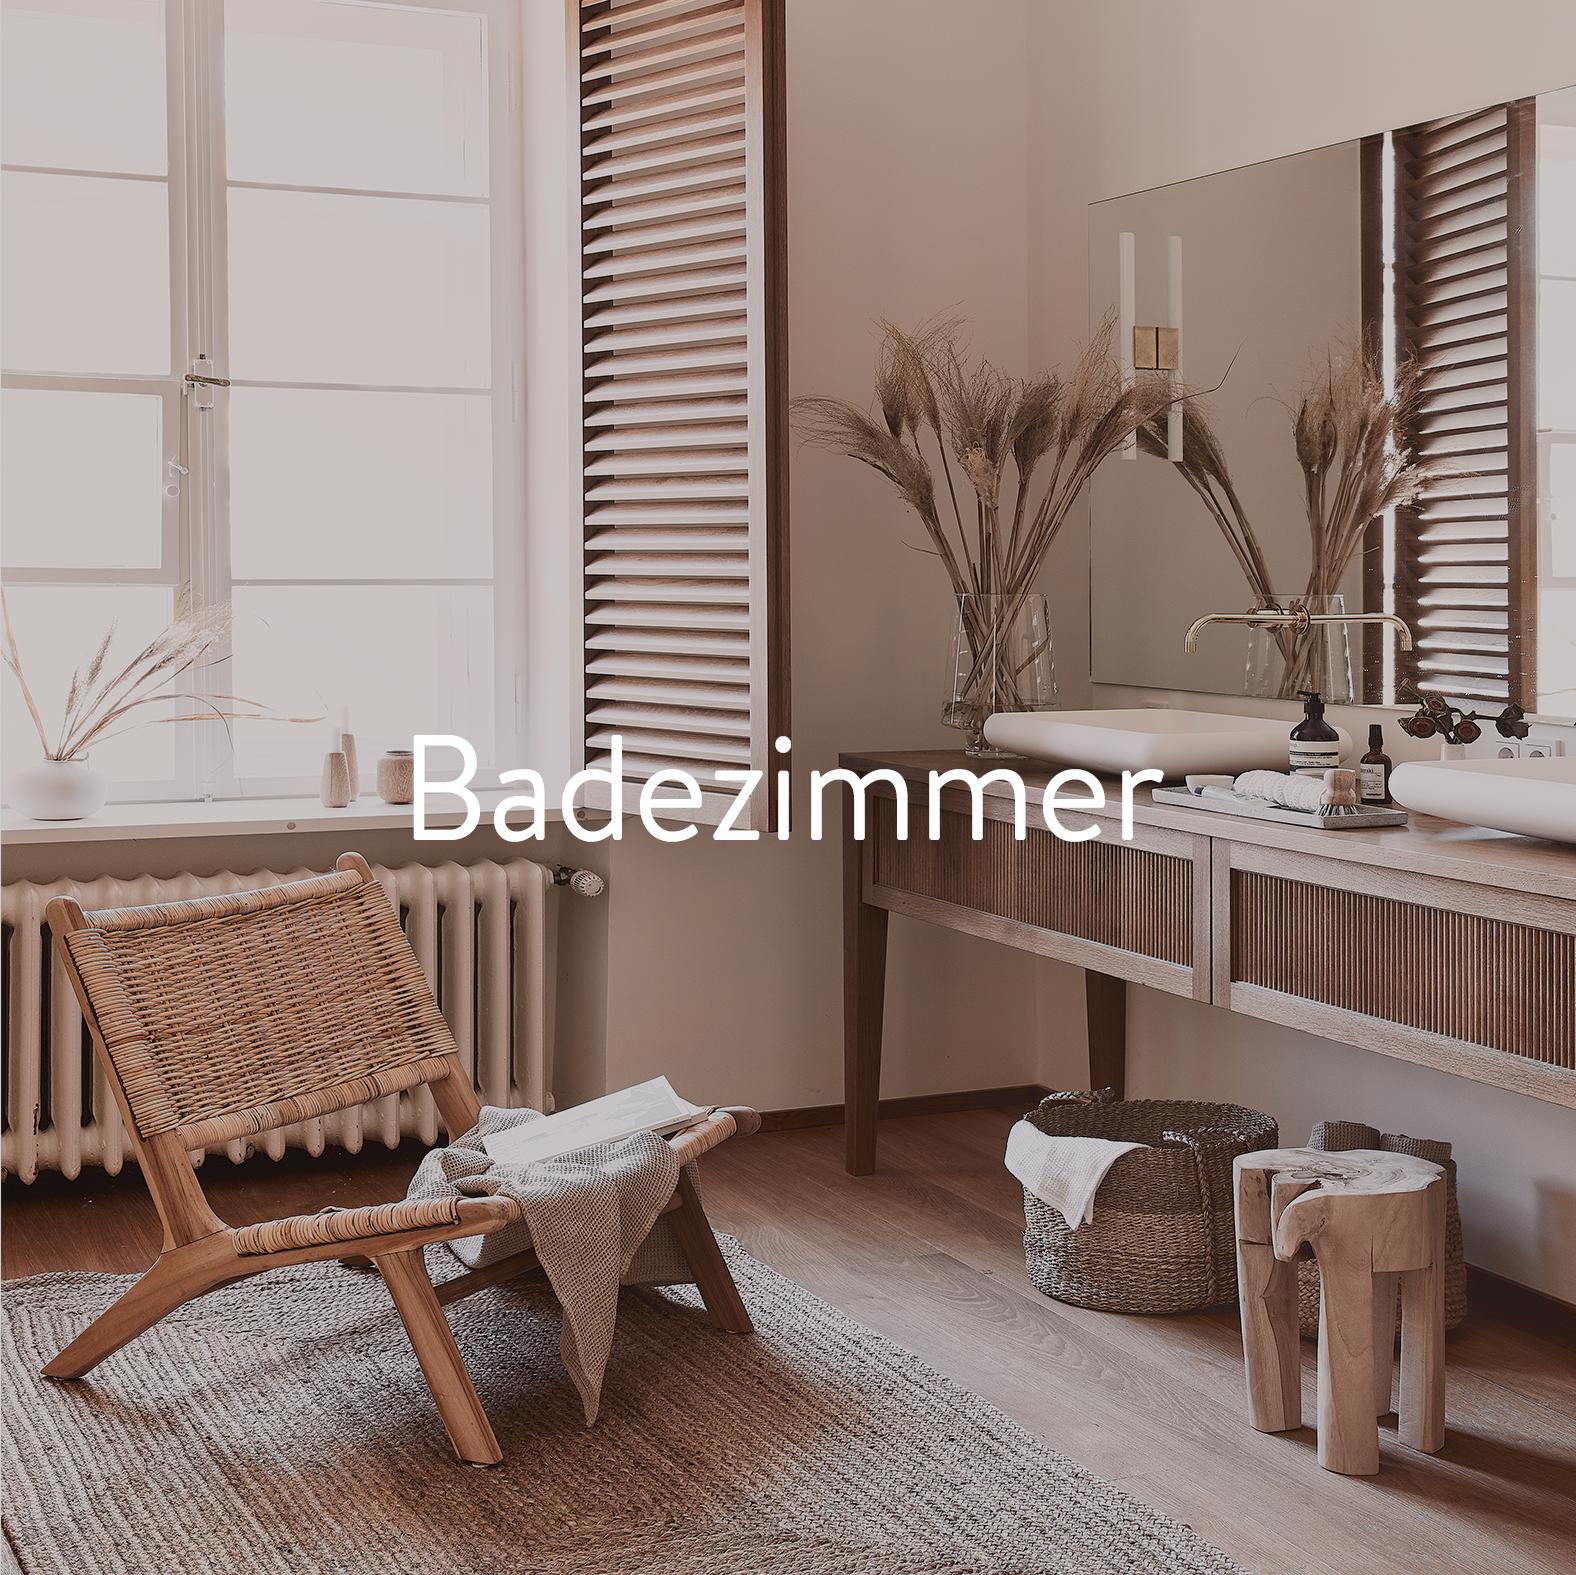 Badaccessoires Badezimmer Deko Online Kaufen Westwingnow In 2020 Zuhause Haus Deko Haus